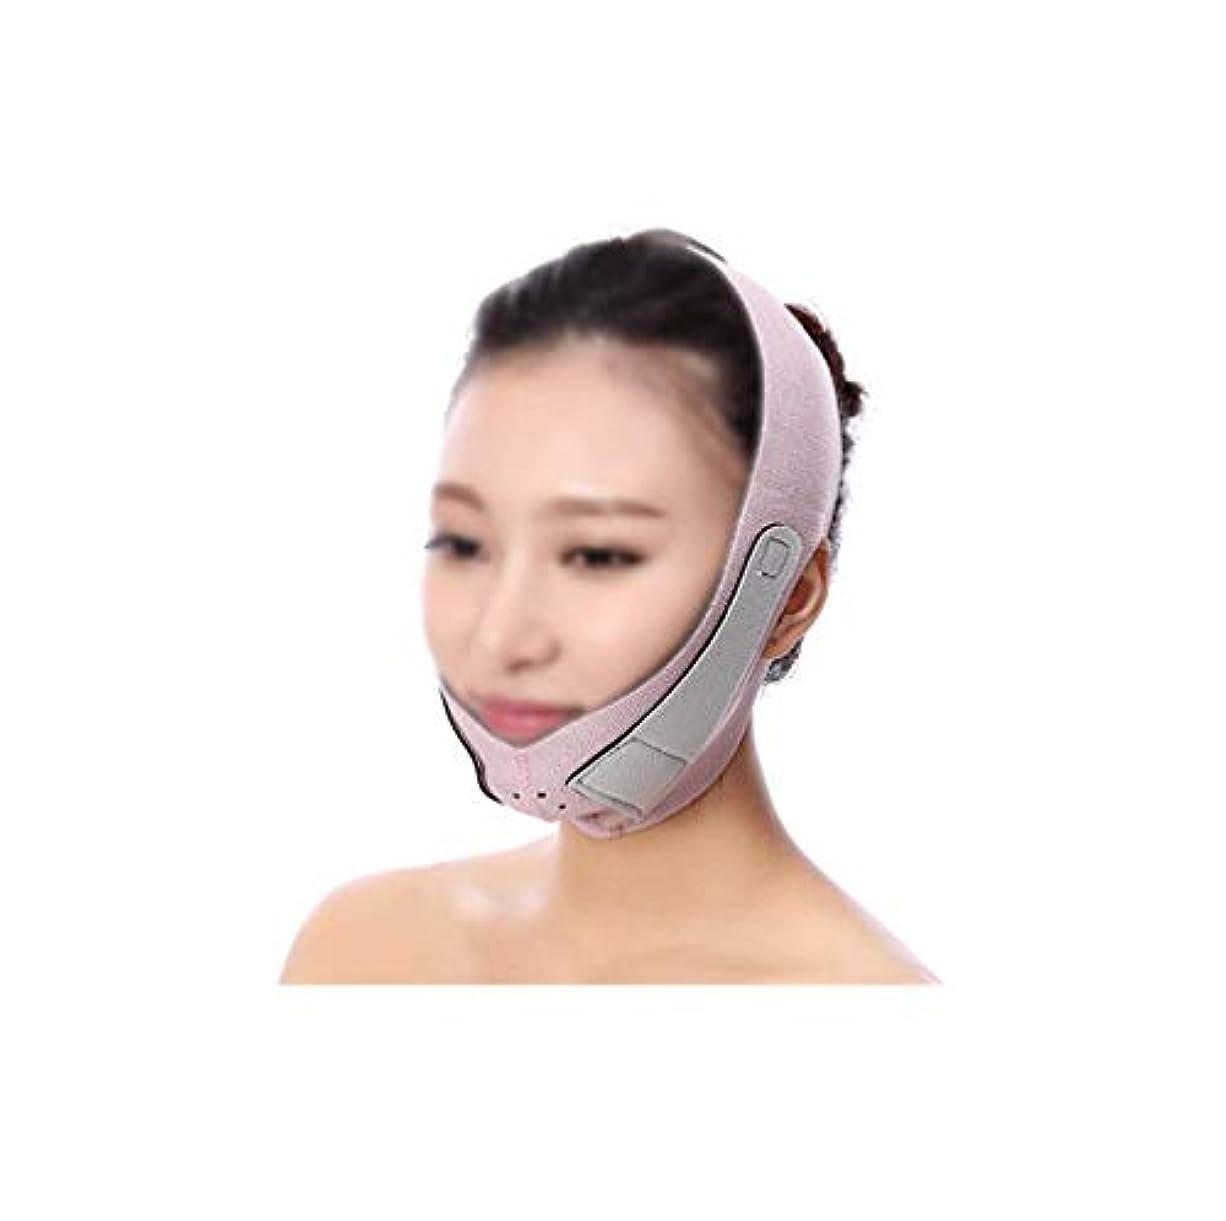 ガム証言するファントムフェイスリフトマスク、顎ストラップ回復包帯小V顔薄い顔アーティファクト睡眠強力なマスクフェイスリフティング包帯フェイシャルリフティングダブルチンリフティングファーミング